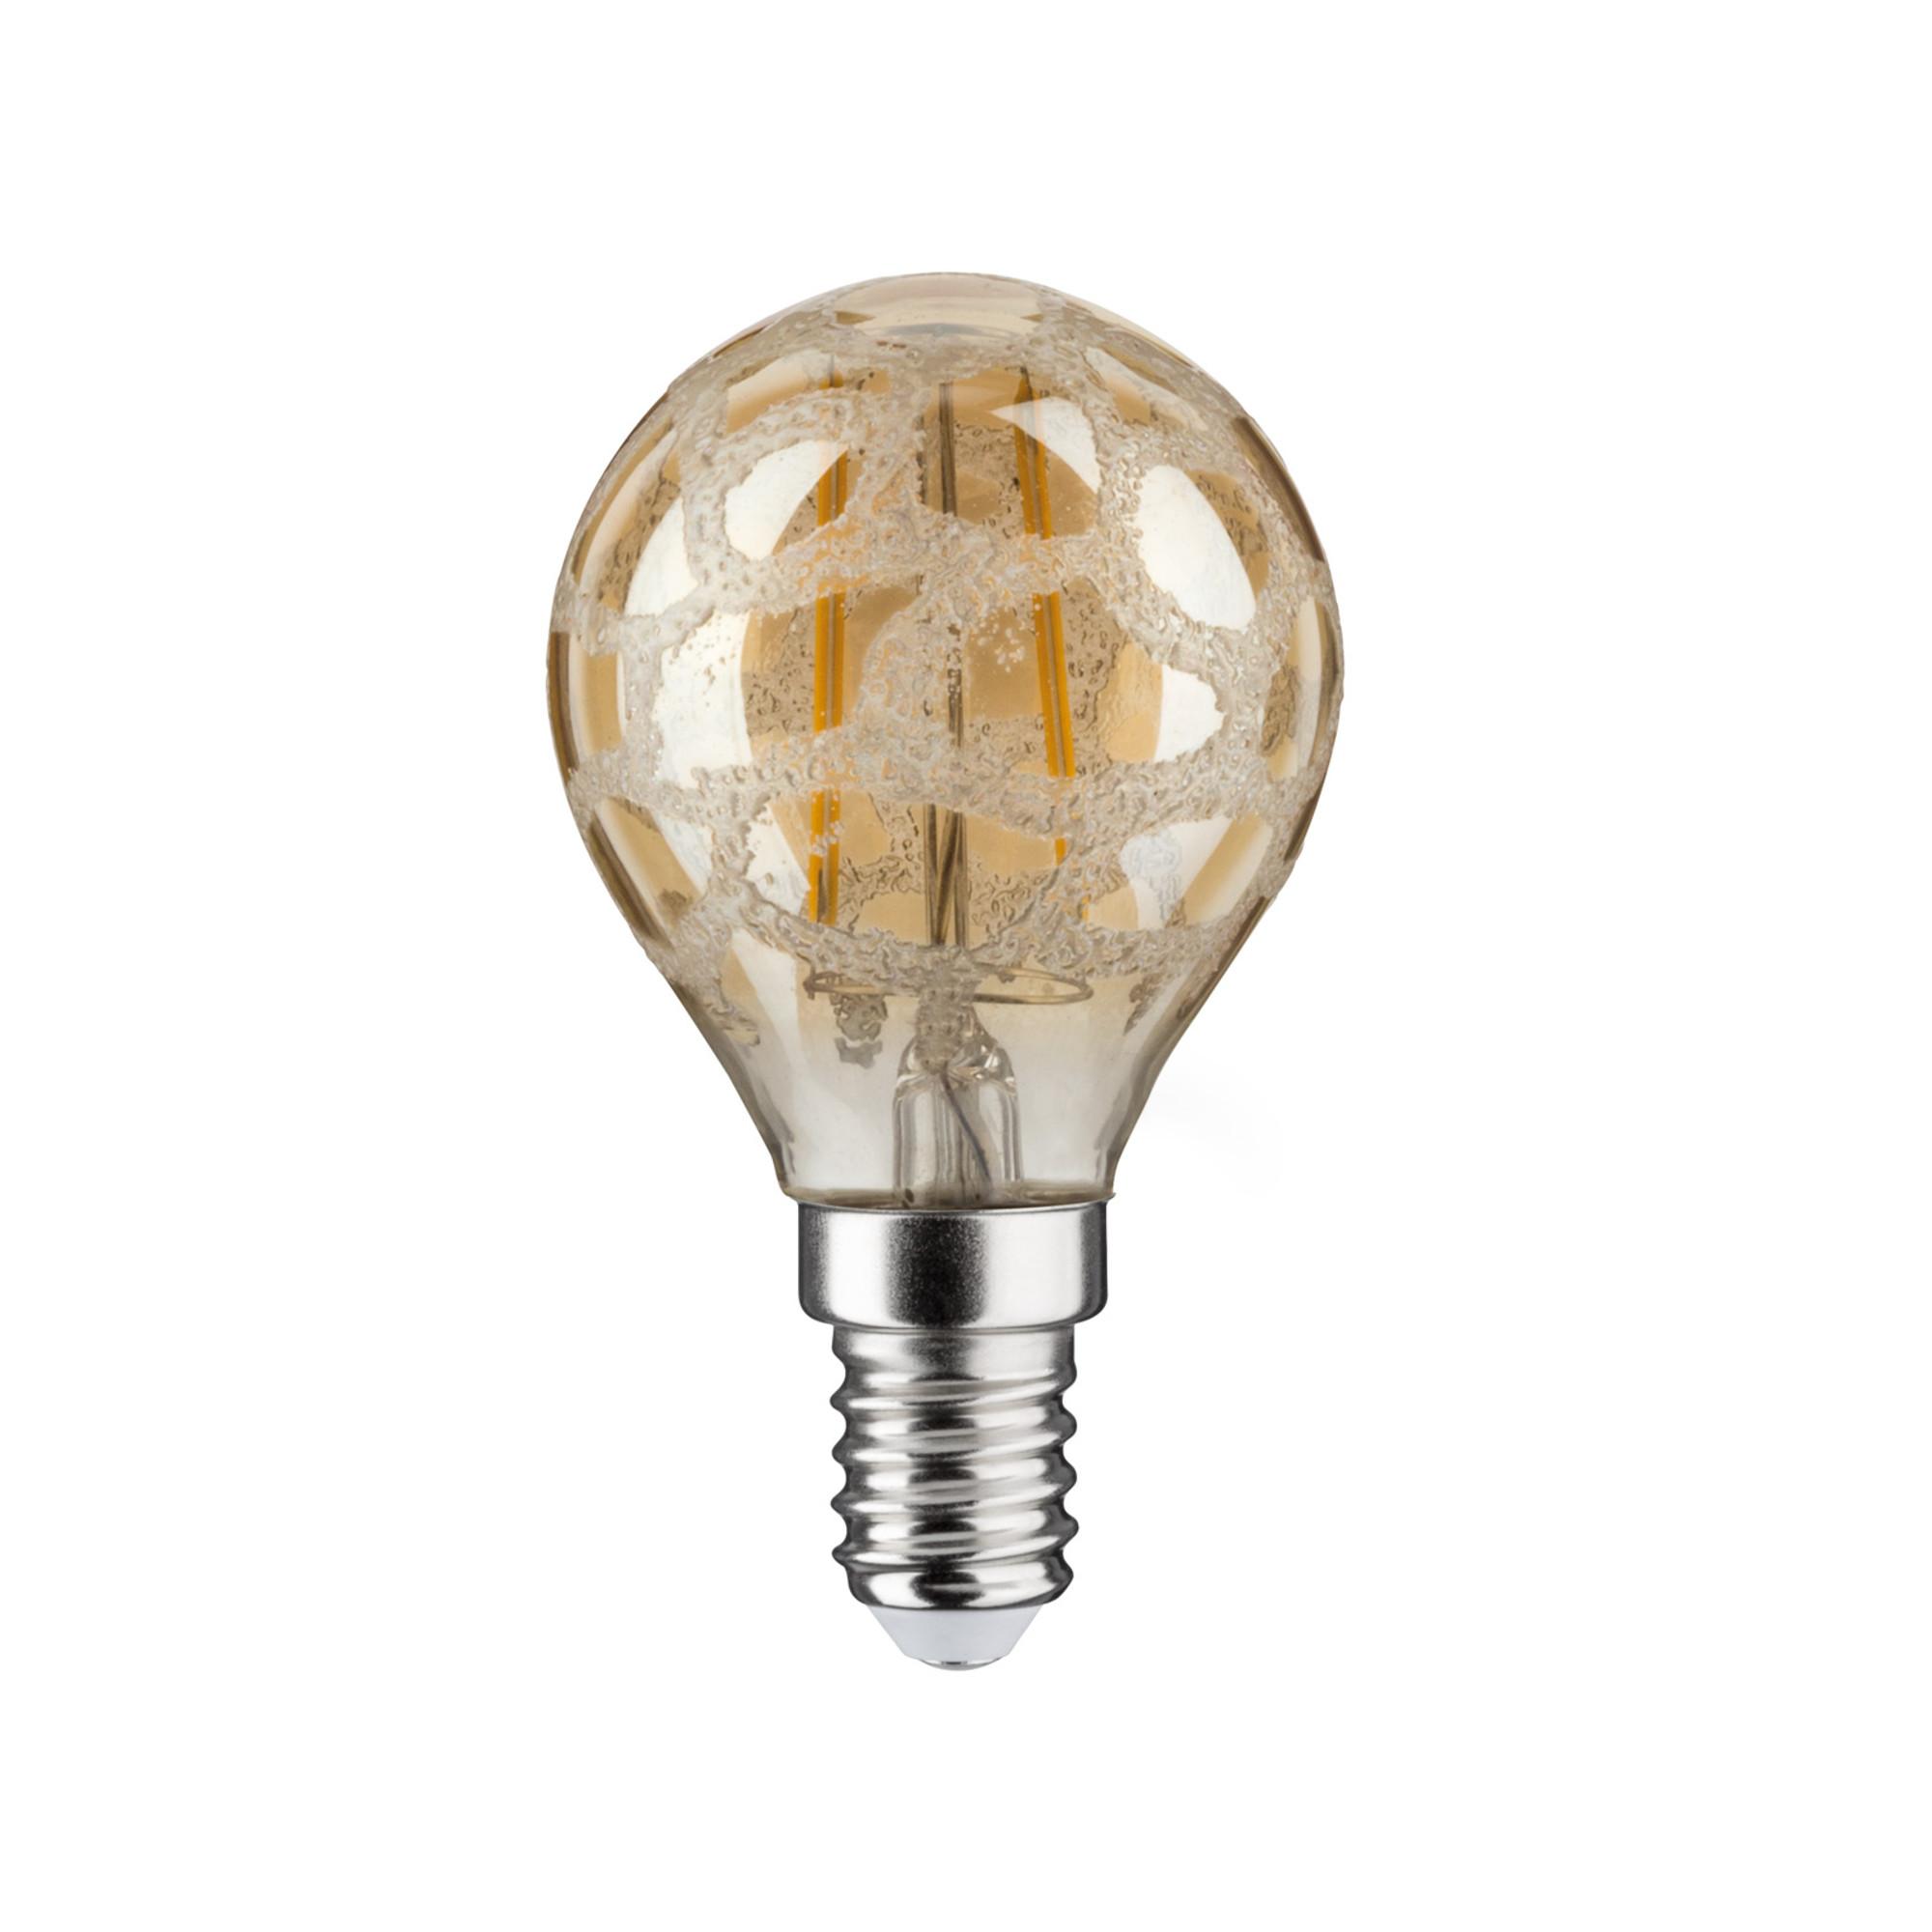 Лампа филаментная Paulmann Капля 2.5Вт 220лм 2500К E14 230В Золотой кроколед 28368.